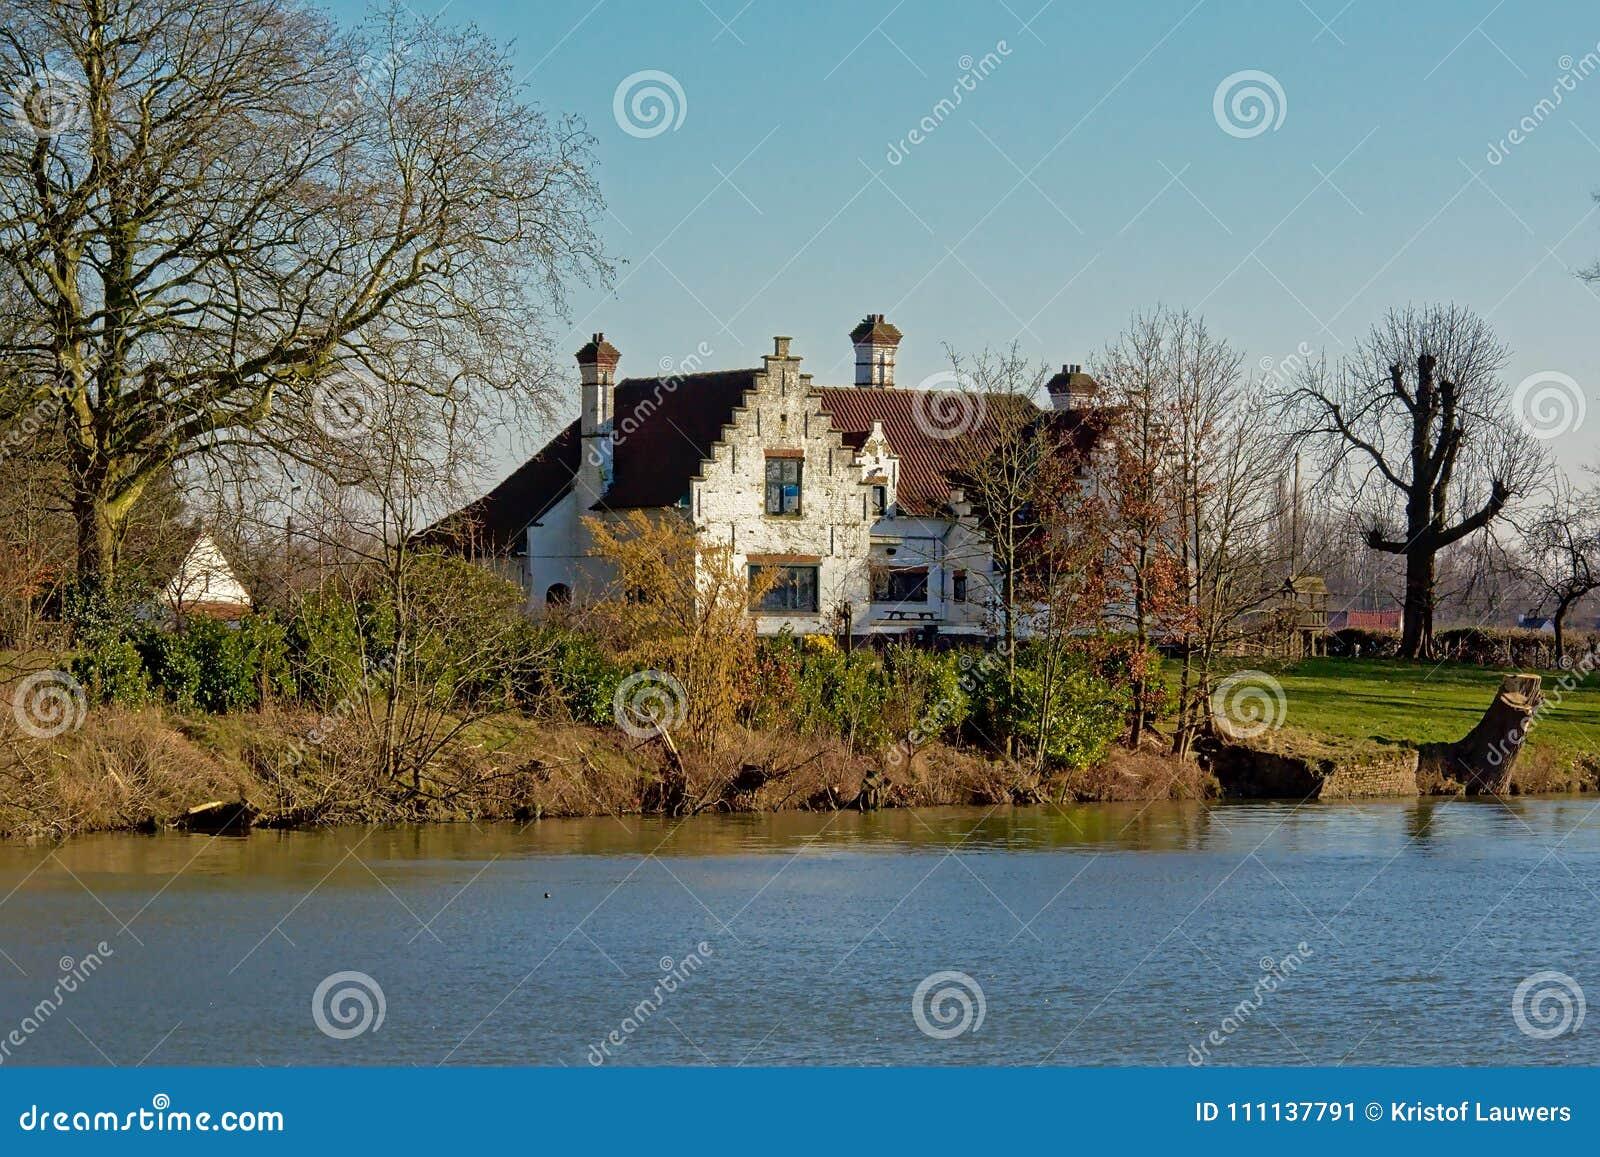 Vecchia villa bianca lungo il fiume Lys in Fiandre, Belgio